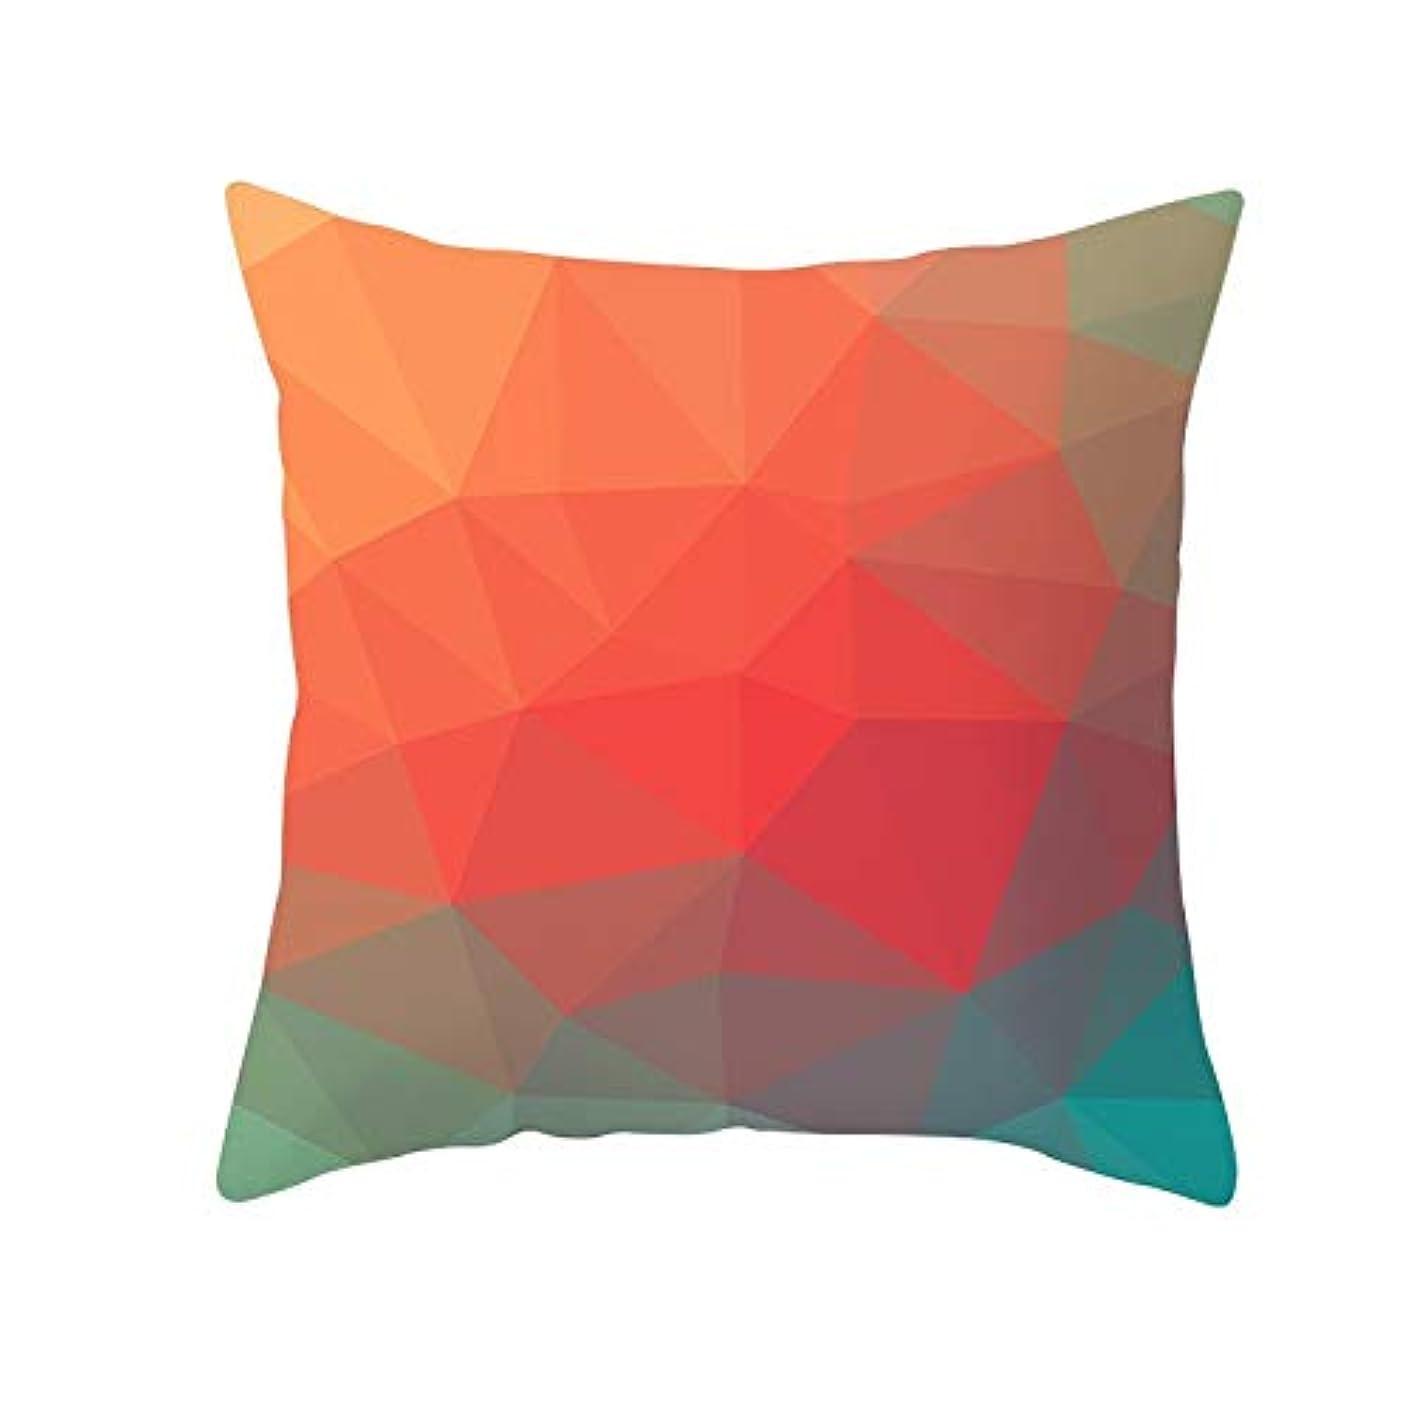 リットル悪因子に対してLIFE 装飾クッションソファ 幾何学プリントポリエステル正方形の枕ソファスロークッション家の装飾 coussin デ長椅子 クッション 椅子